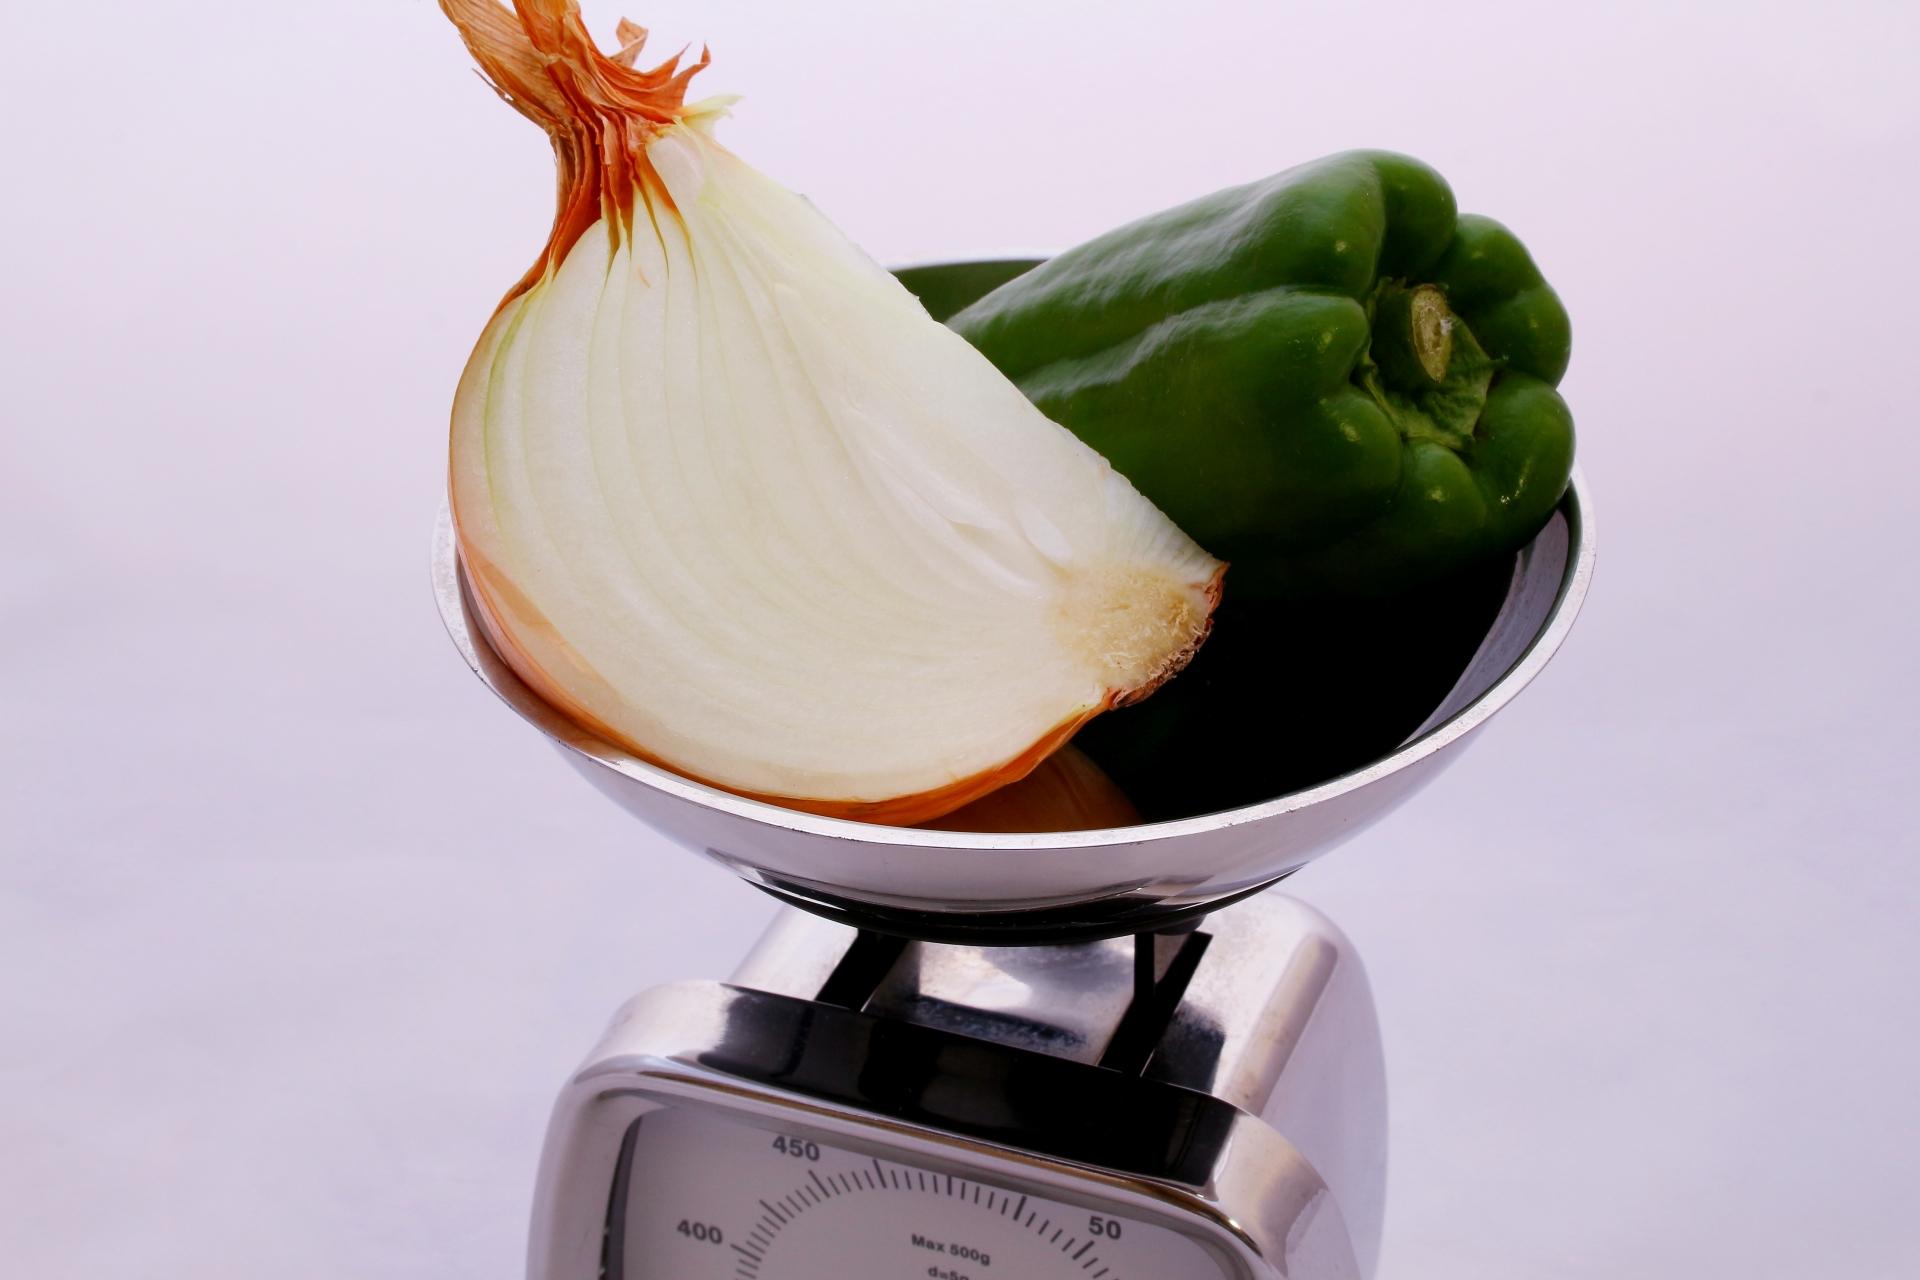 1日に必要な野菜の摂取量